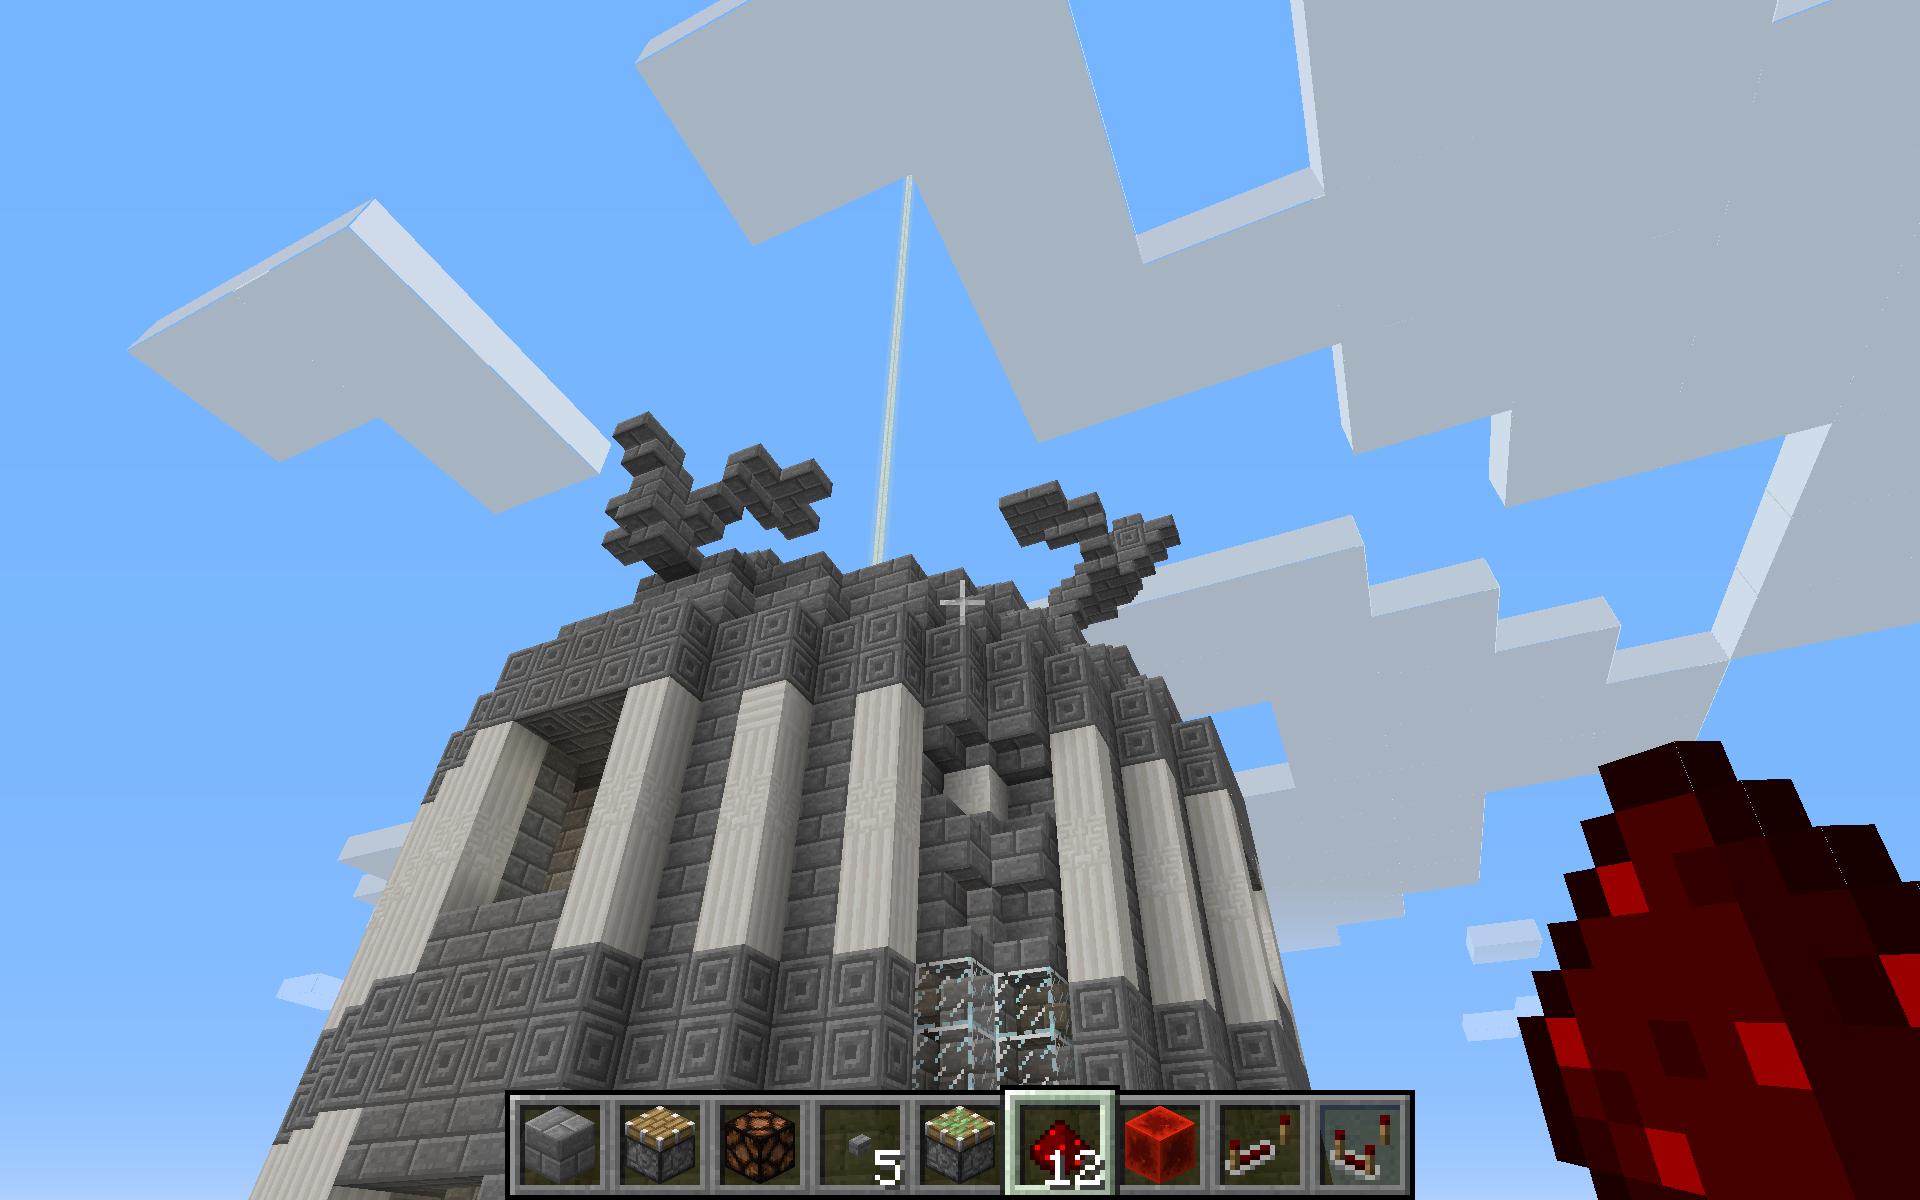 Essai de statues sur le dome